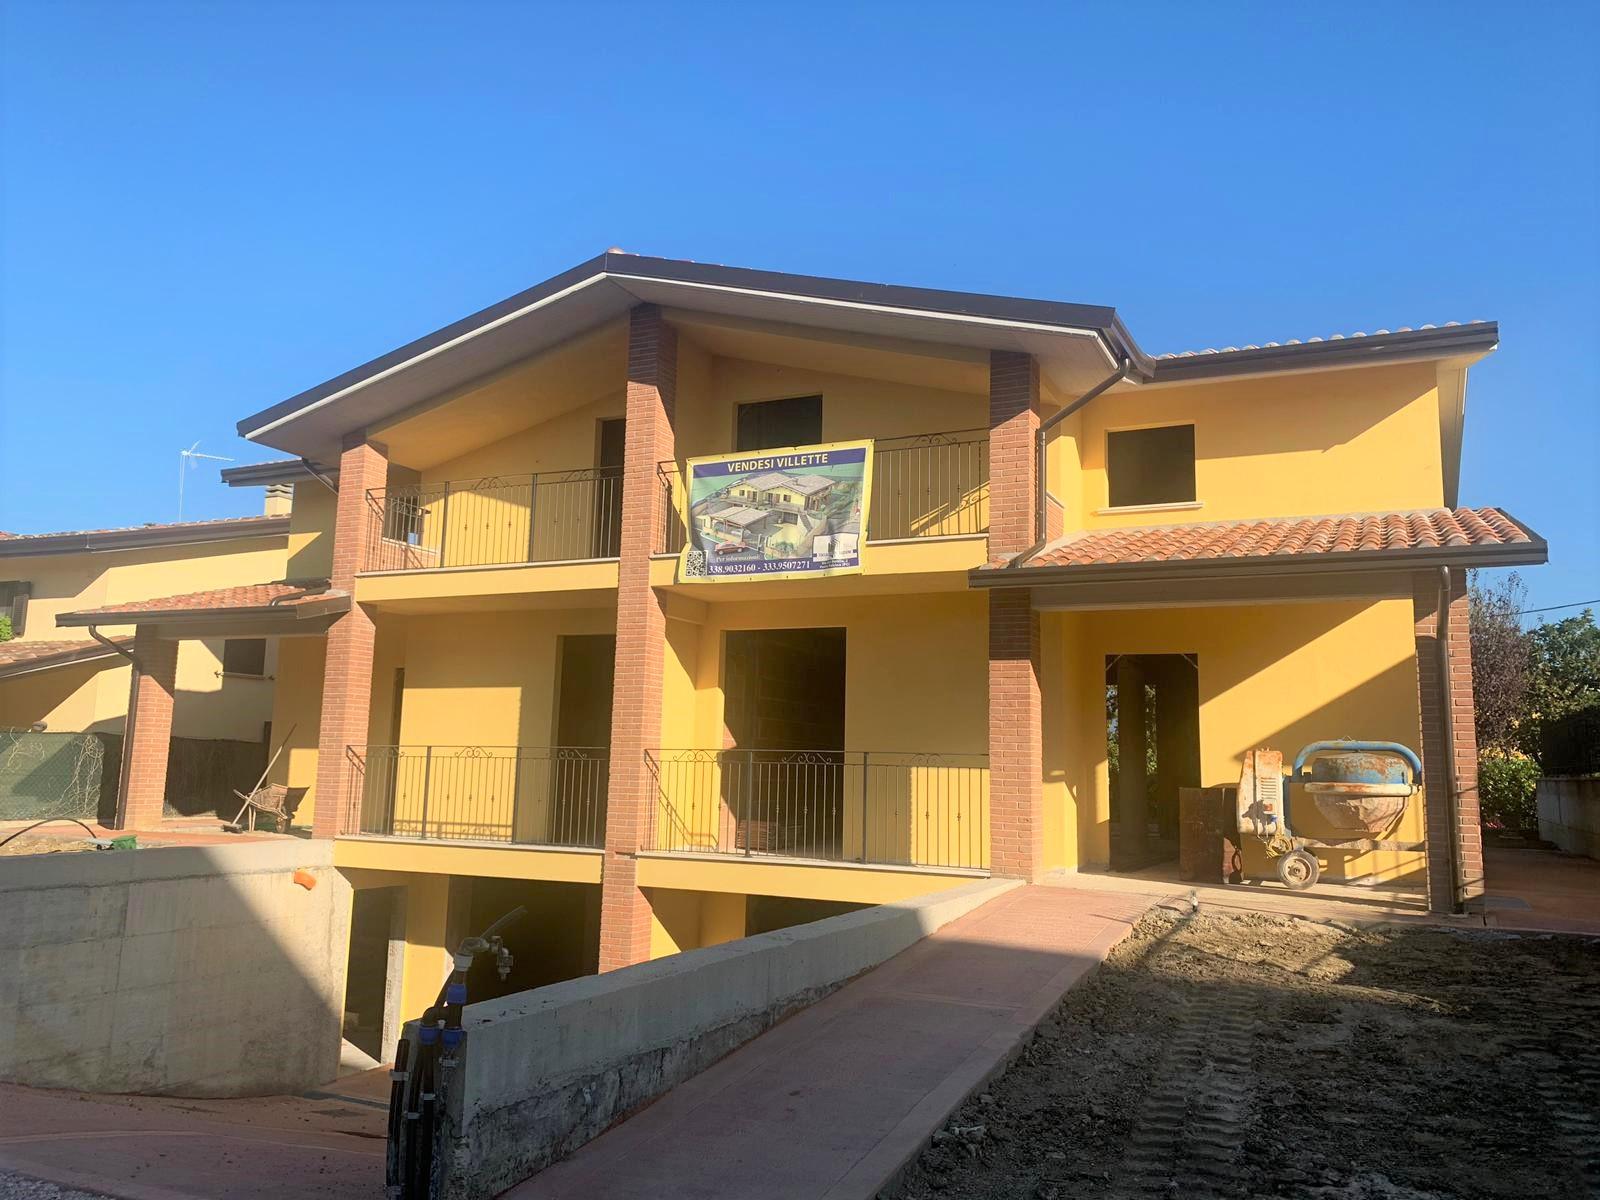 COLLESTRADA- Villetta nuova realizzazione - Immobiliare ...